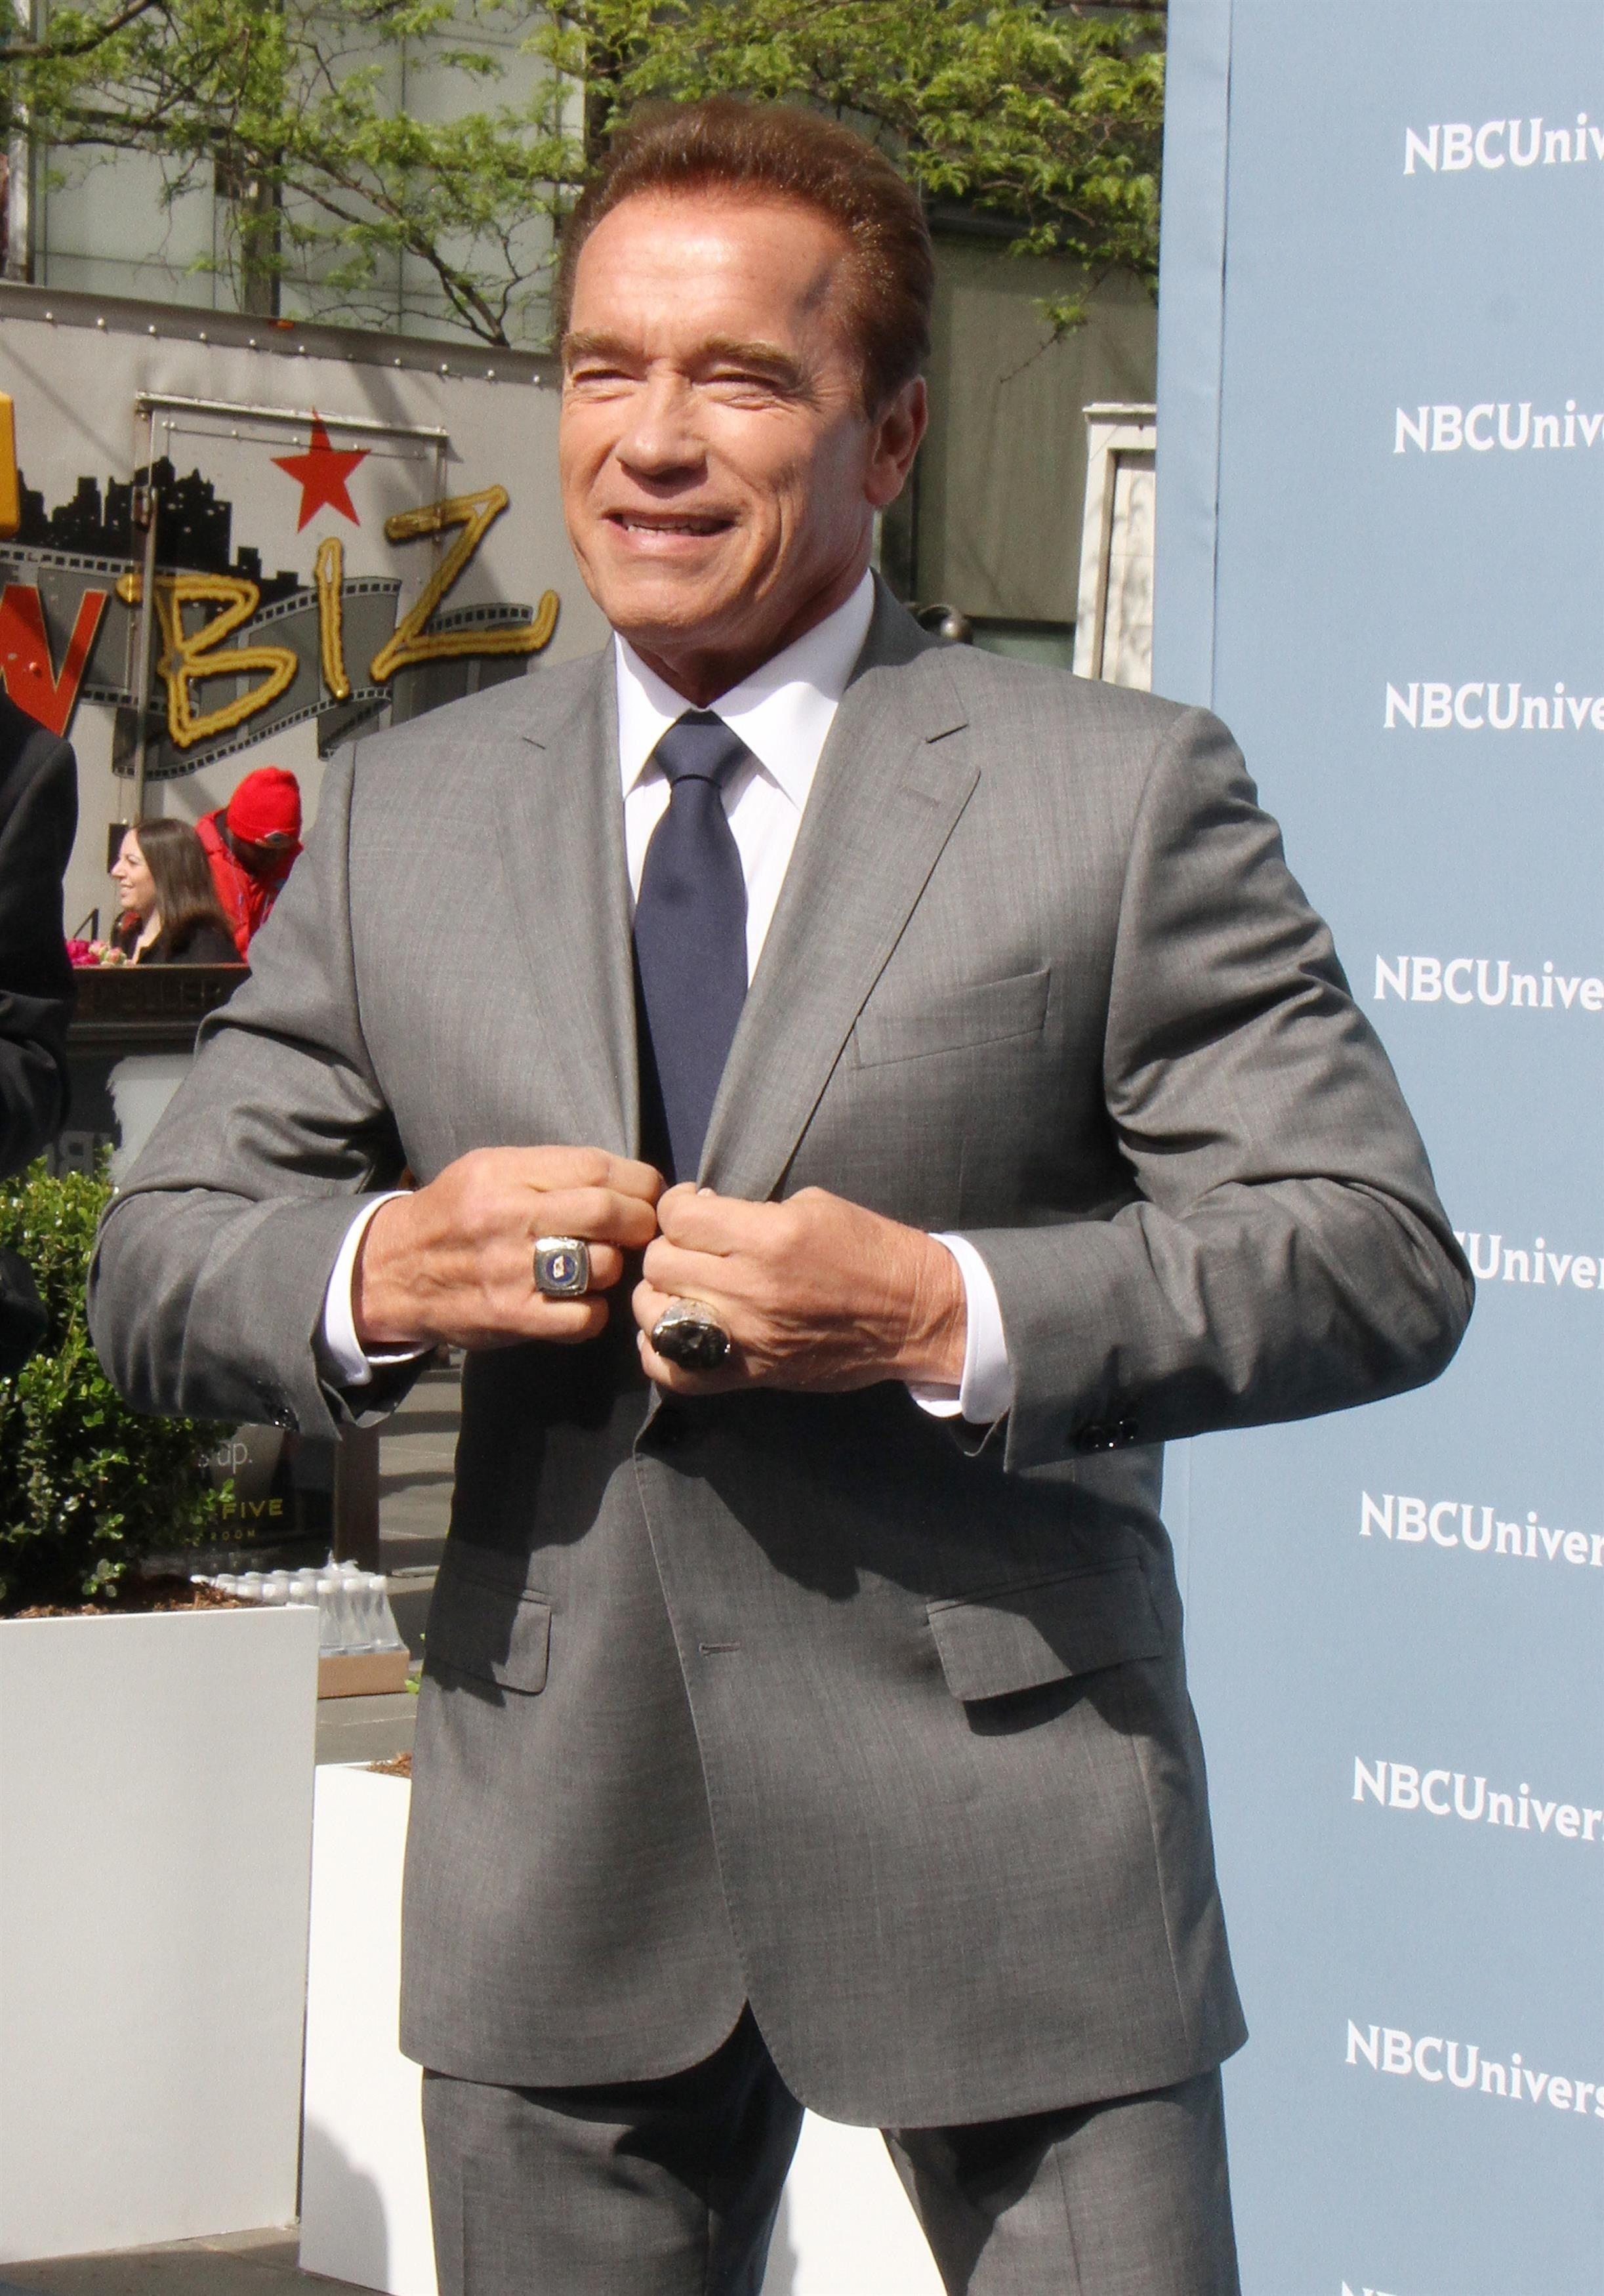 Arnold Schwarzenegger a fost operat pe cord deschis!